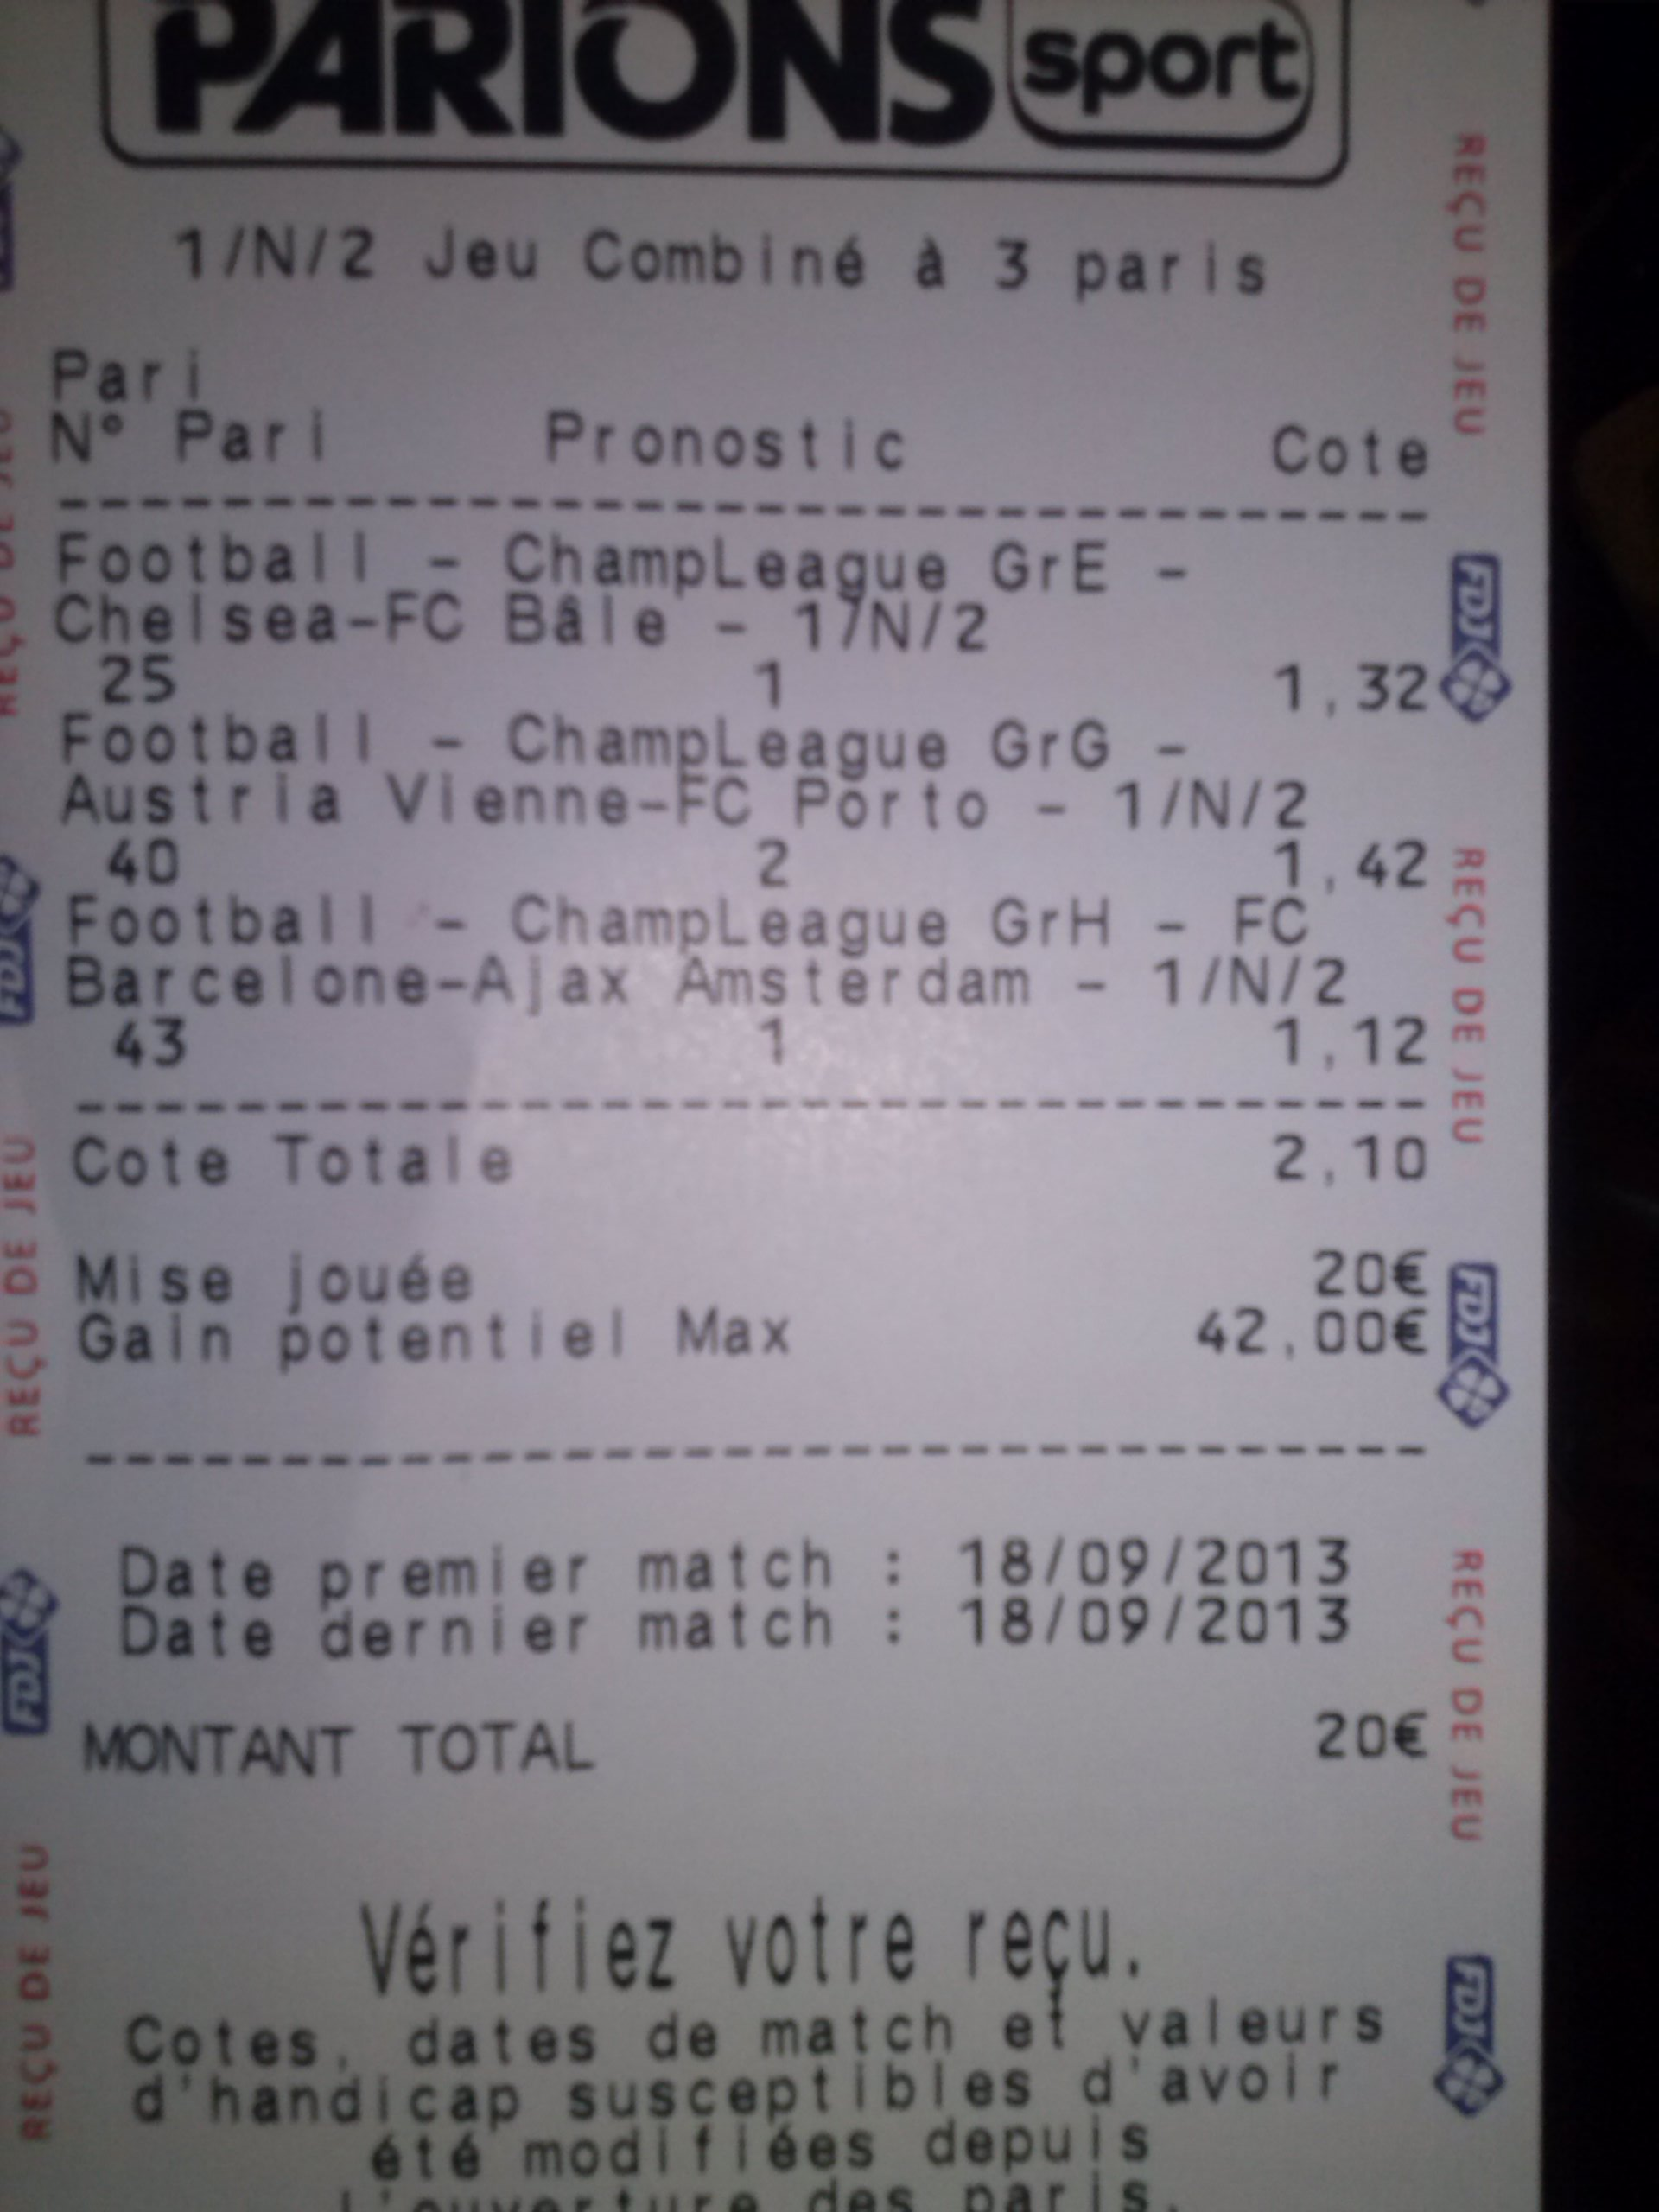 Ticket sport addict co - Grille des matchs parions sport ...